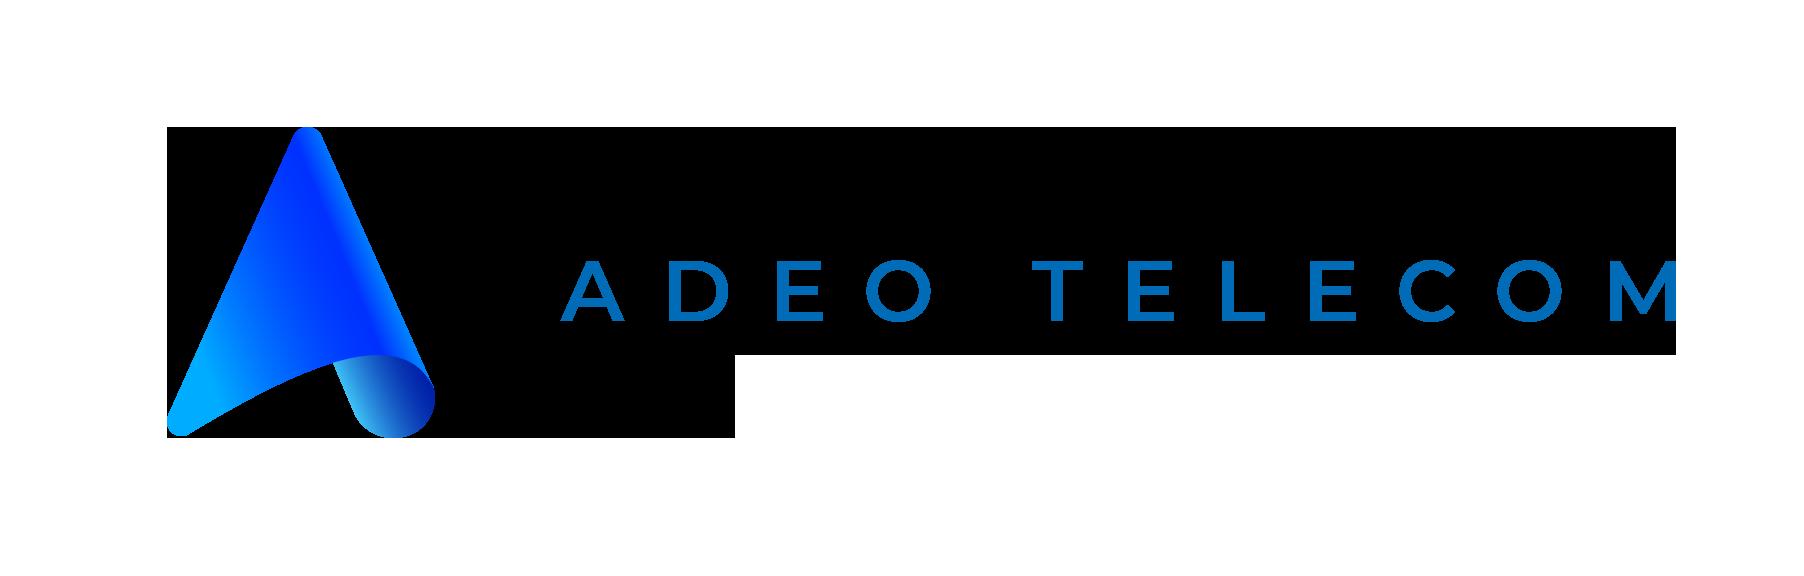 AdeoTelecom.logo